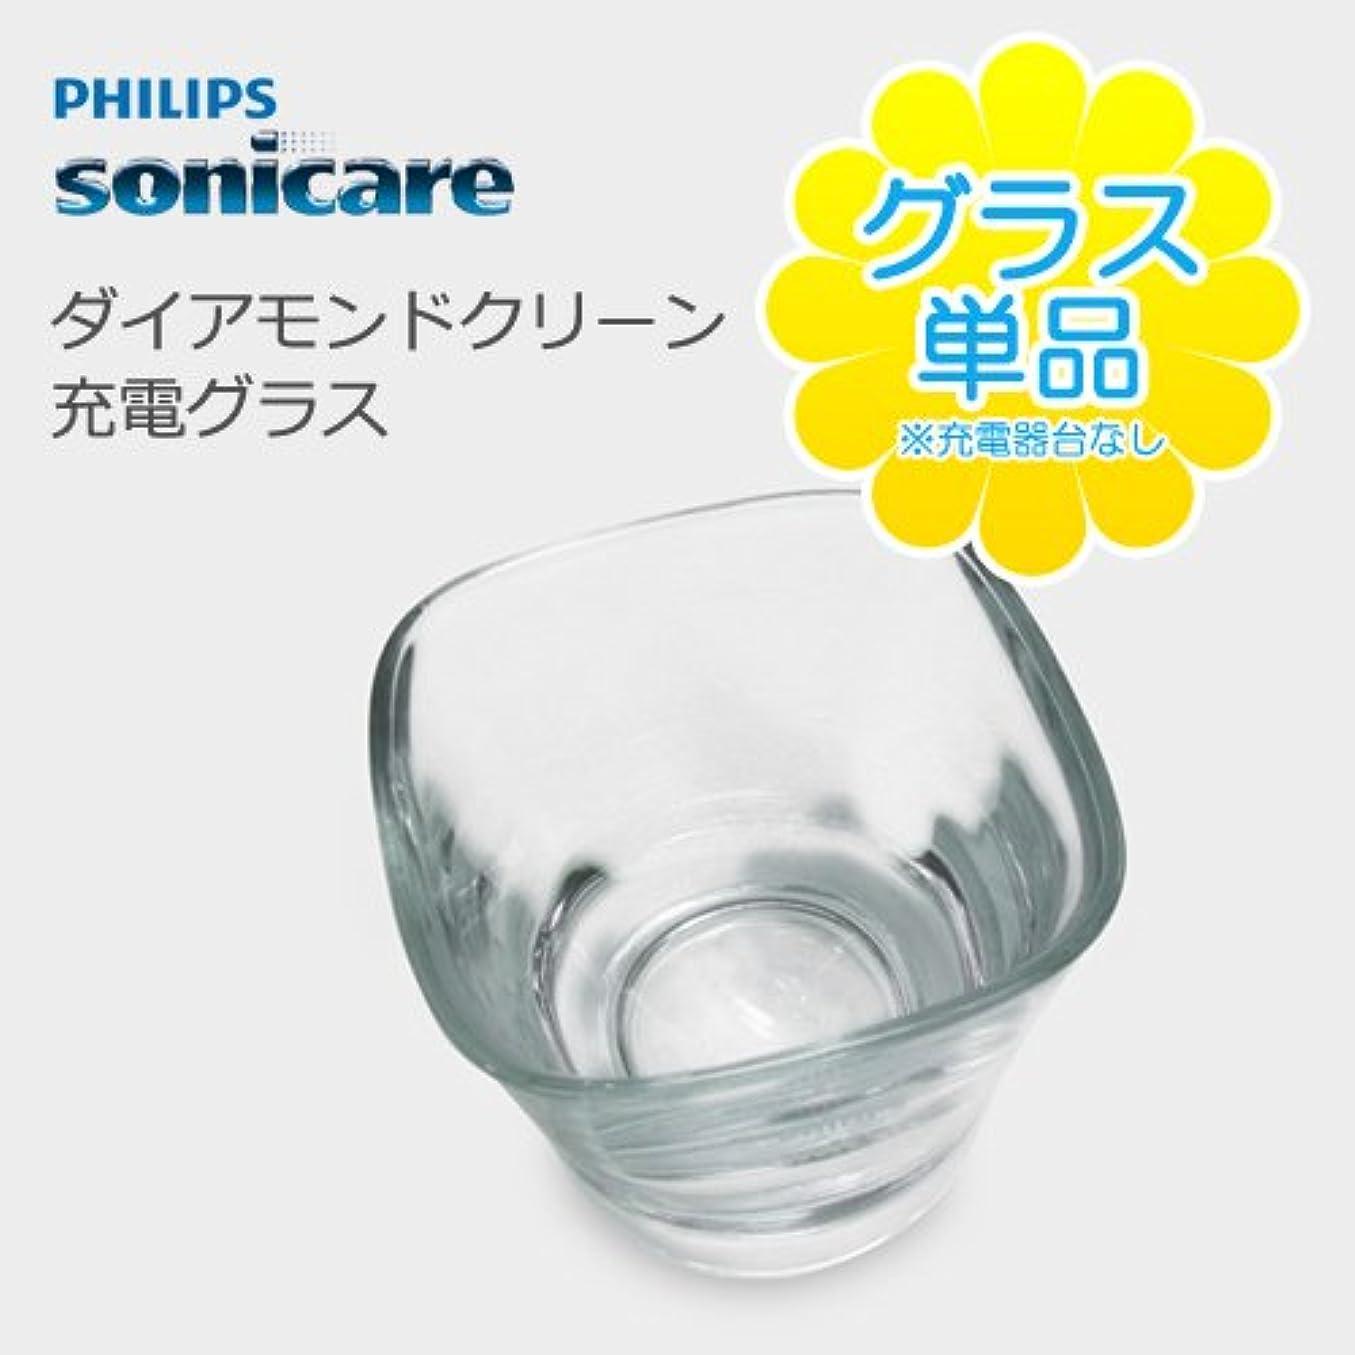 臨検テレマコスとらえどころのないPHILIPS sonicare DiamondClean 充電グラス(単品) ソニッケアーダイヤモンドクリーンをお持ちの方におすすめ!充電グラスのみの販売です HX9303/04 HX9353/54 HX9333/04...